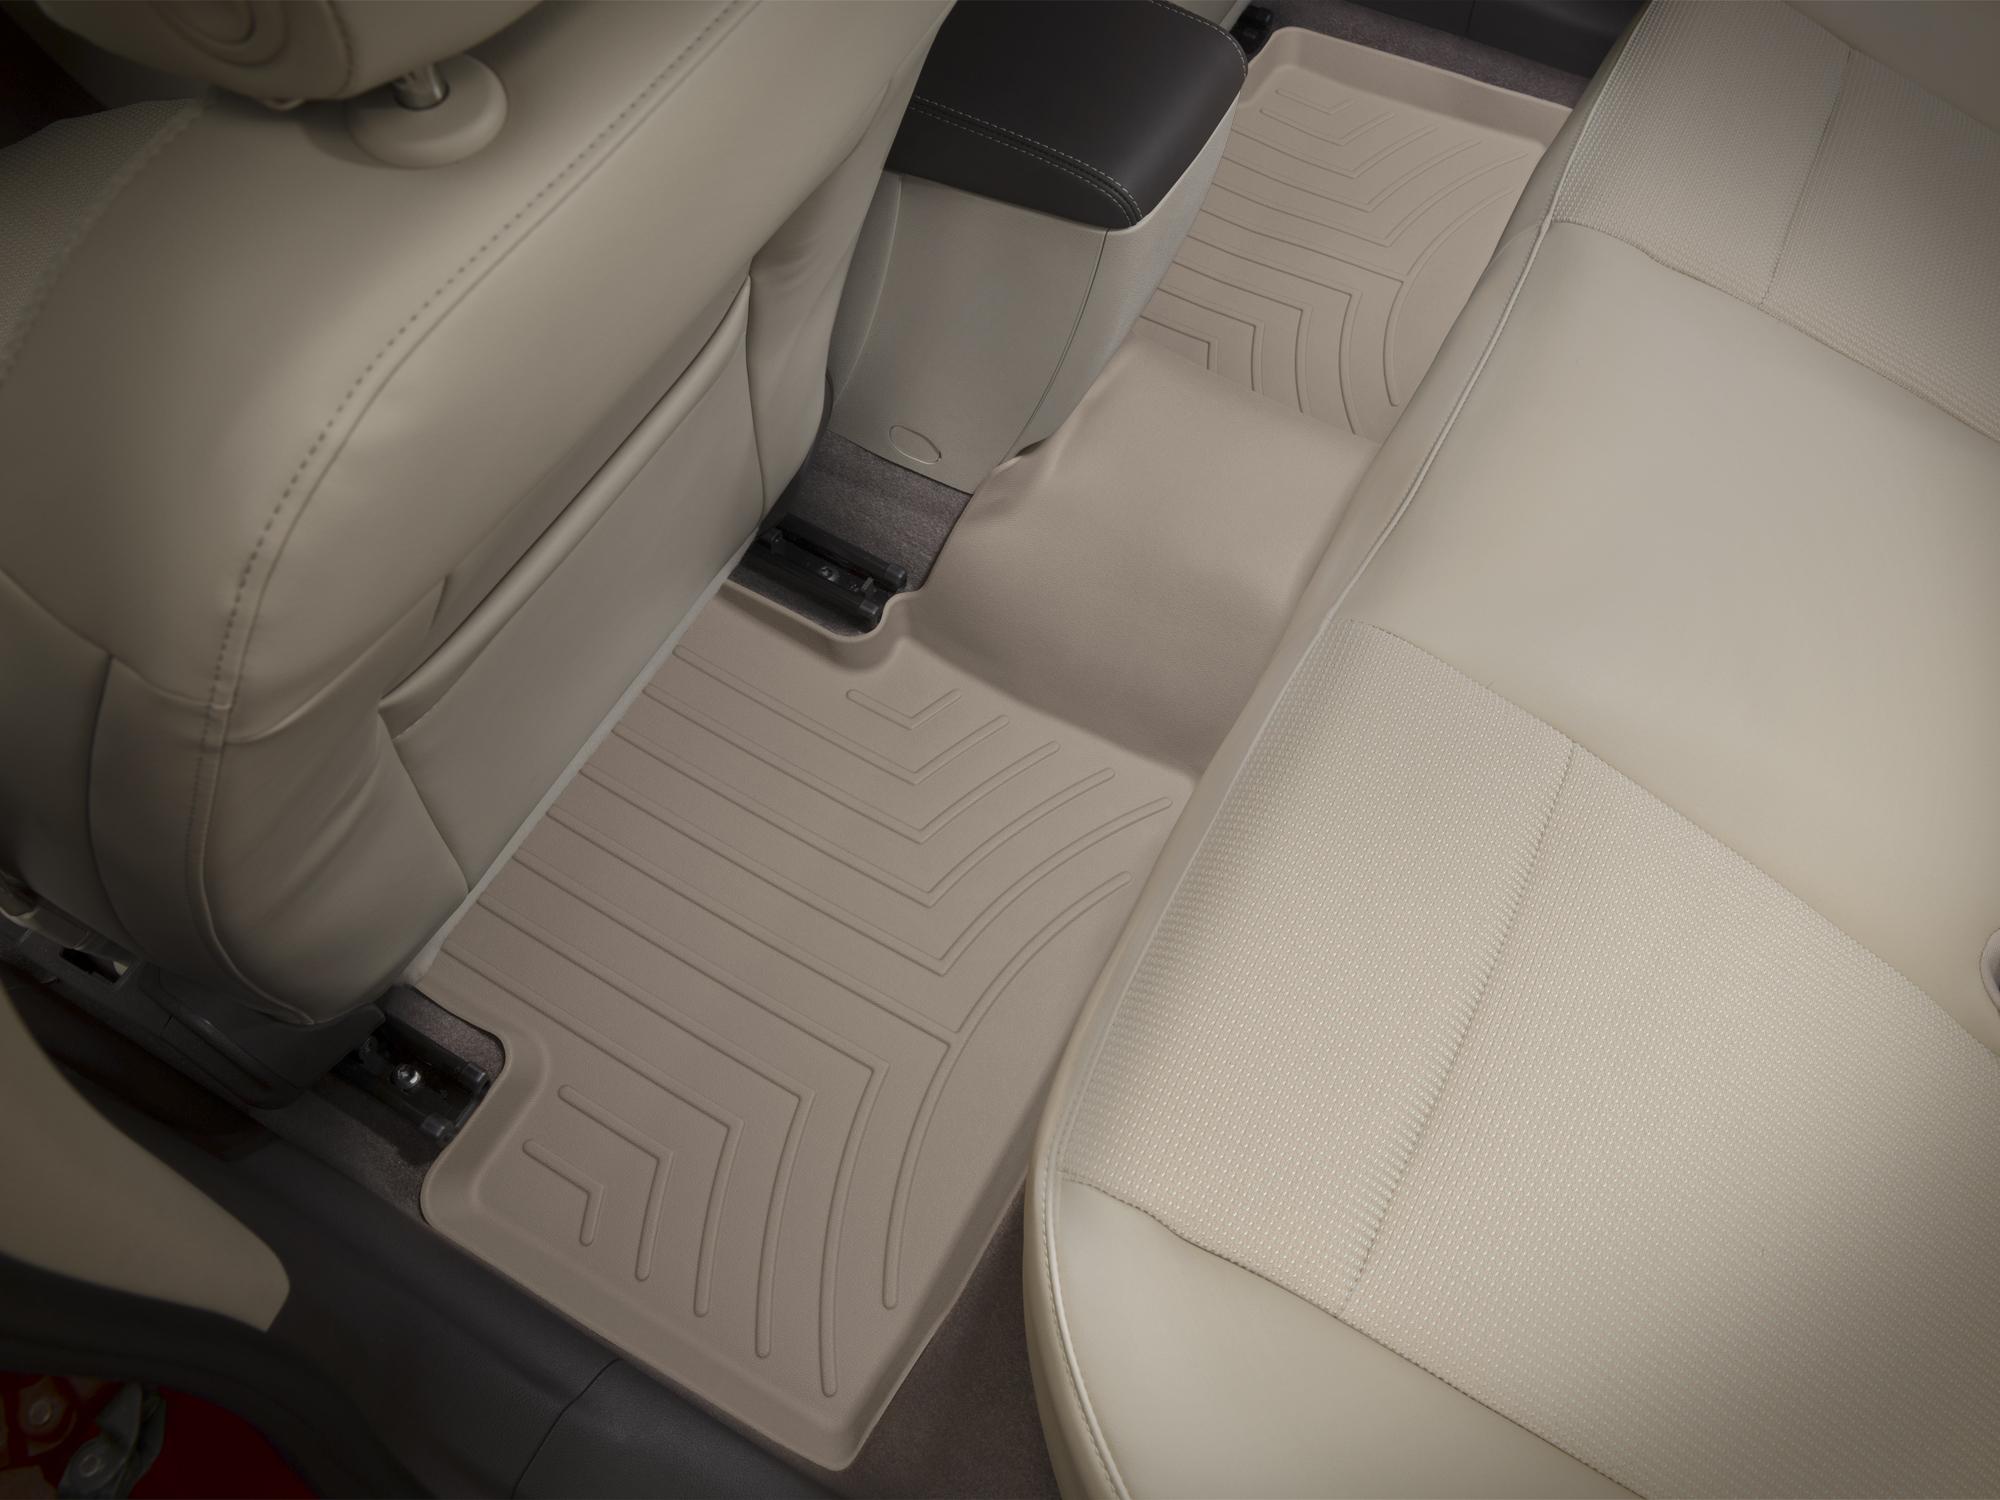 Tappeti gomma su misura bordo alto Chevrolet Malibu 13>15 Marrone A145